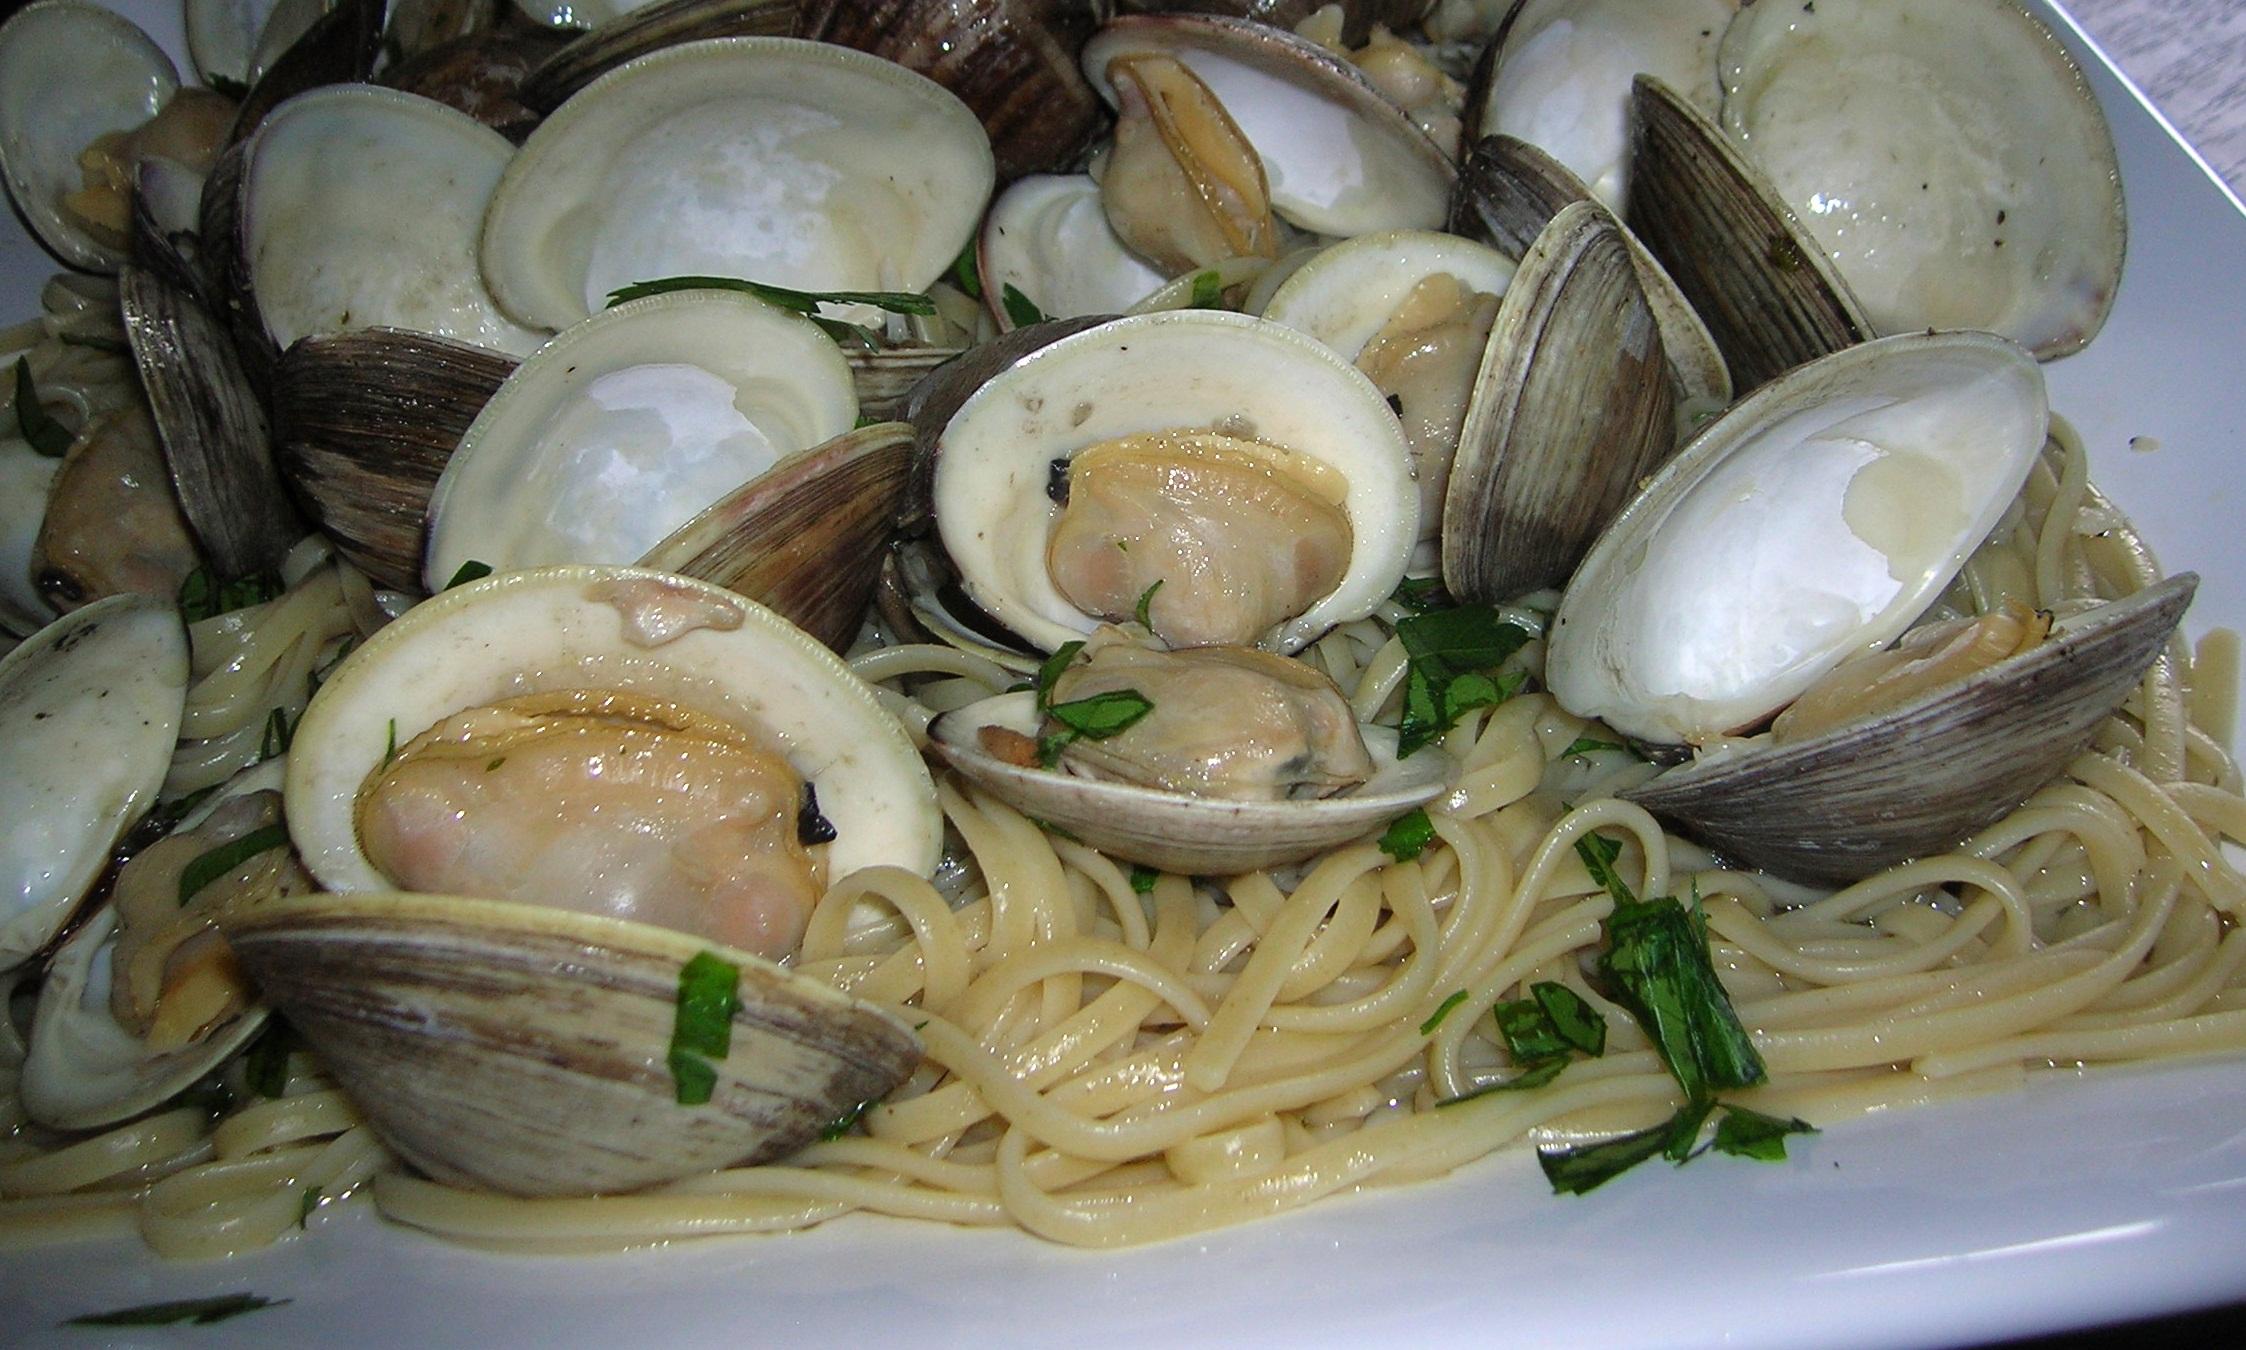 Umberto S Italian Food